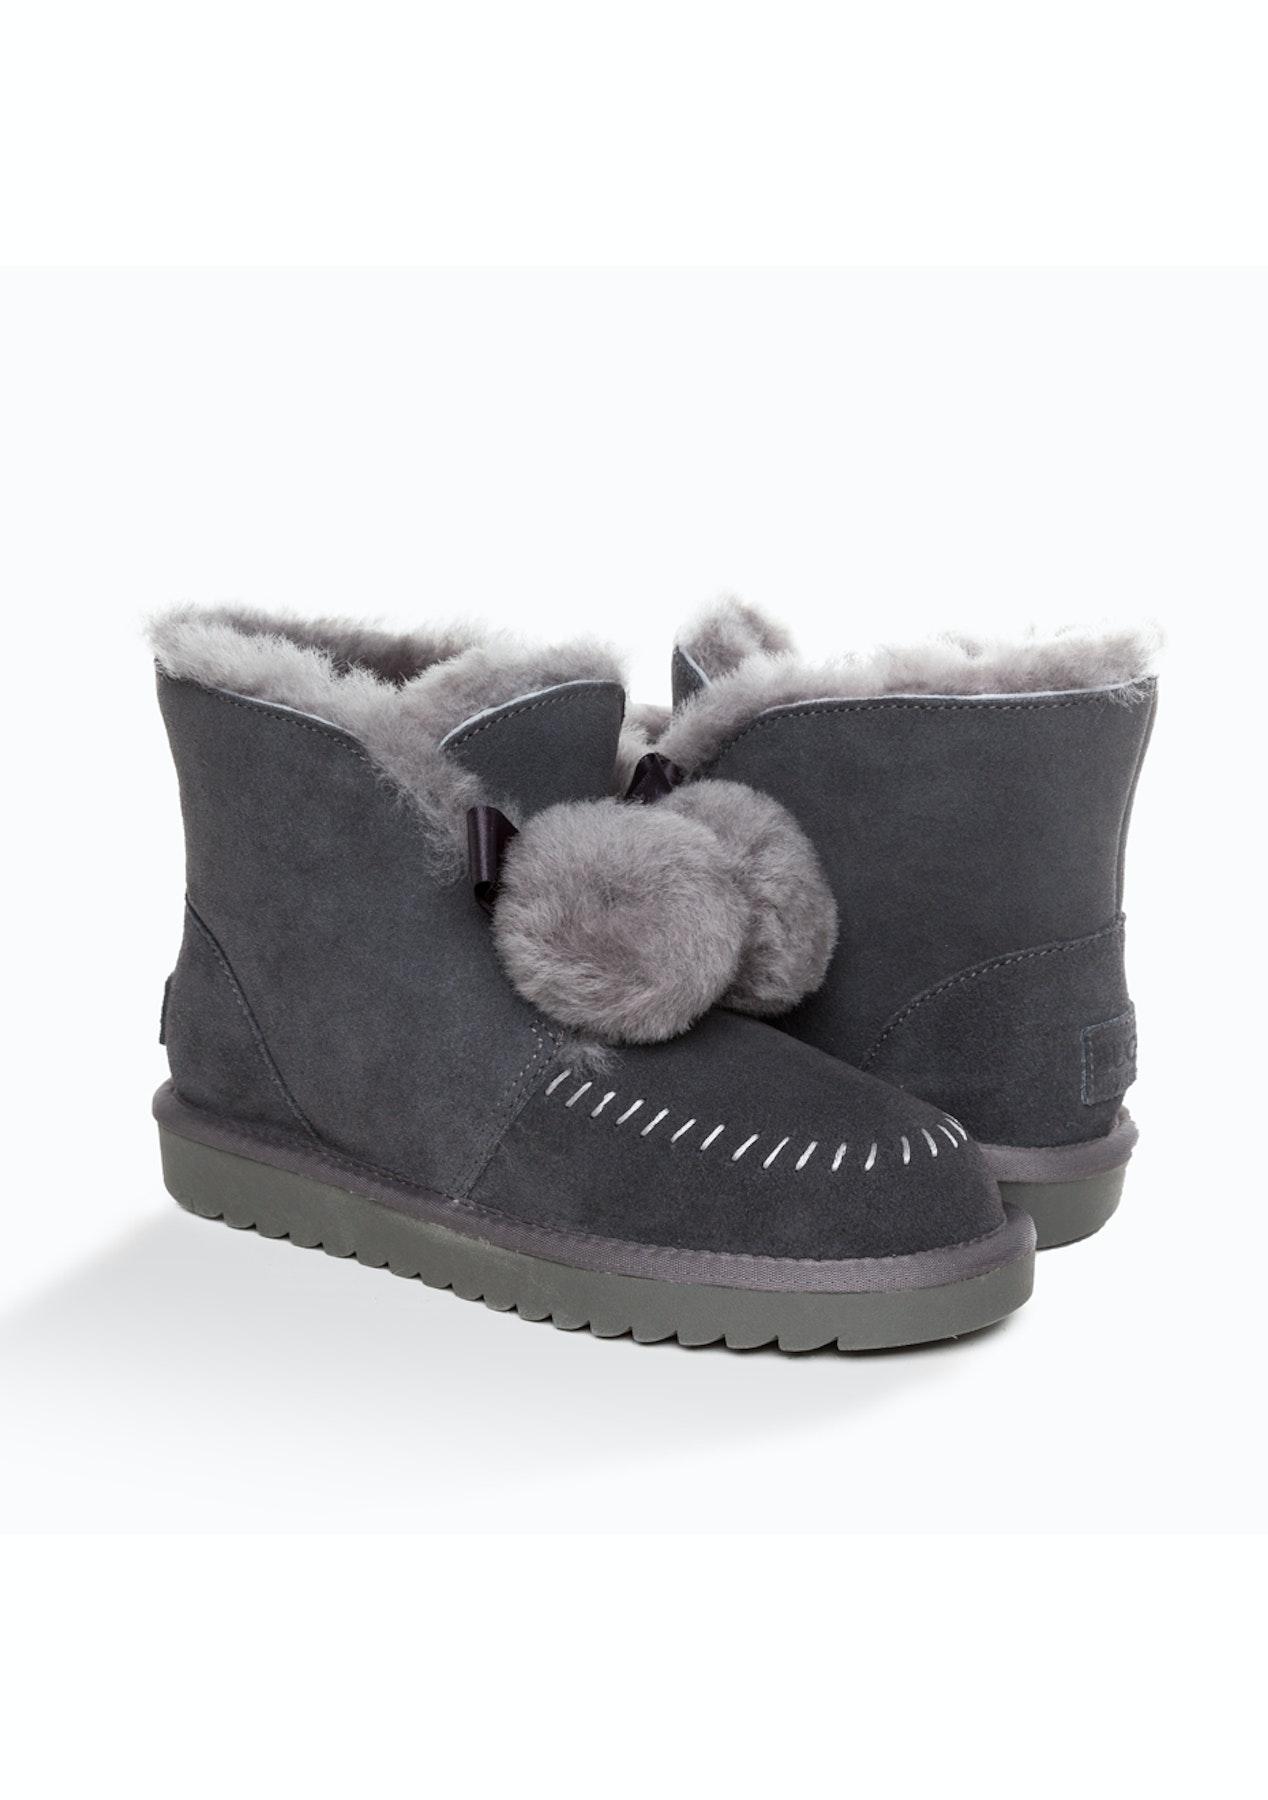 6f1bb0496e4 Ozwear - Ugg Amelia Pom Pom Boots - Grey